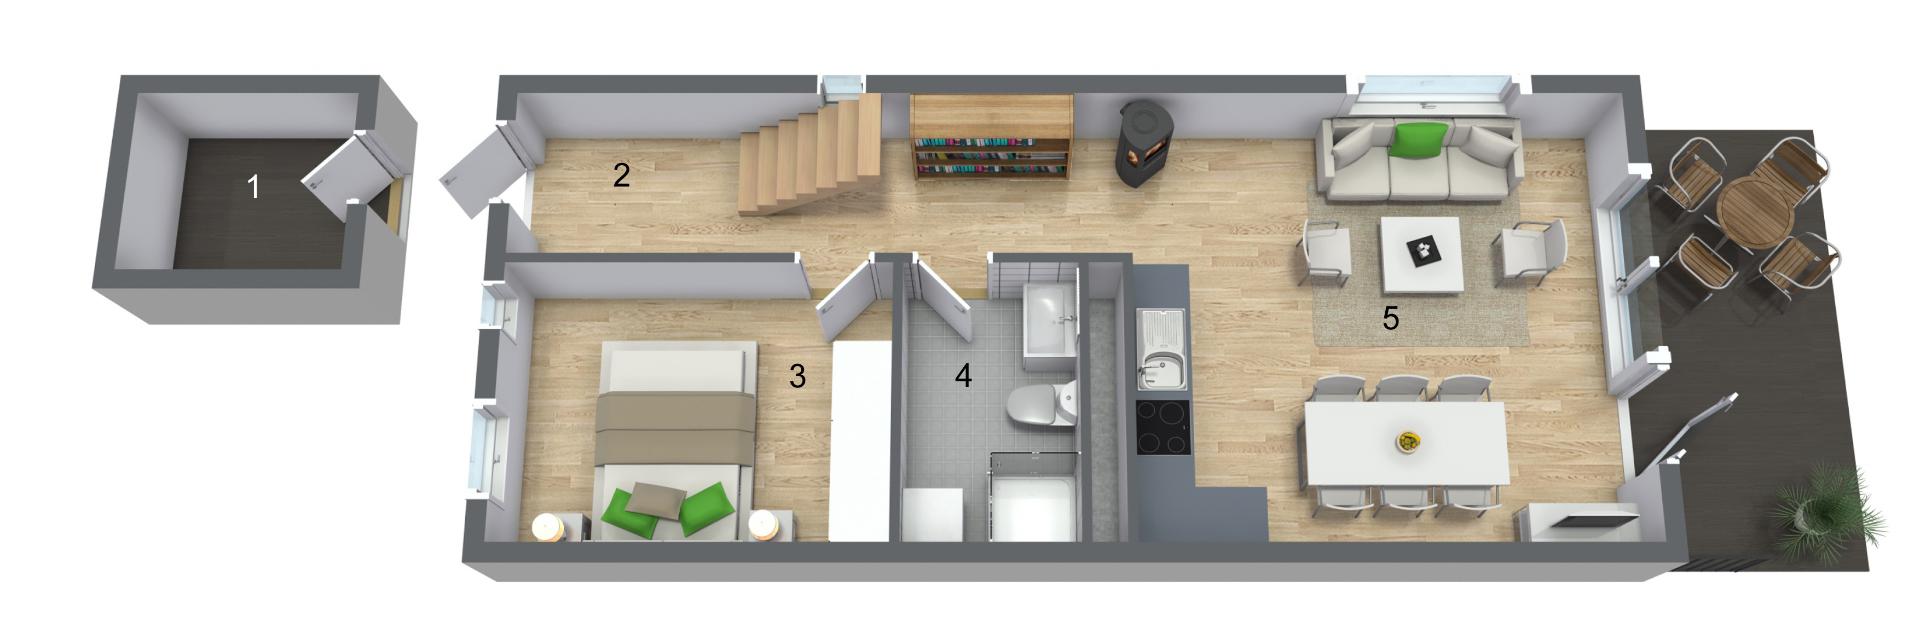 Første etasje